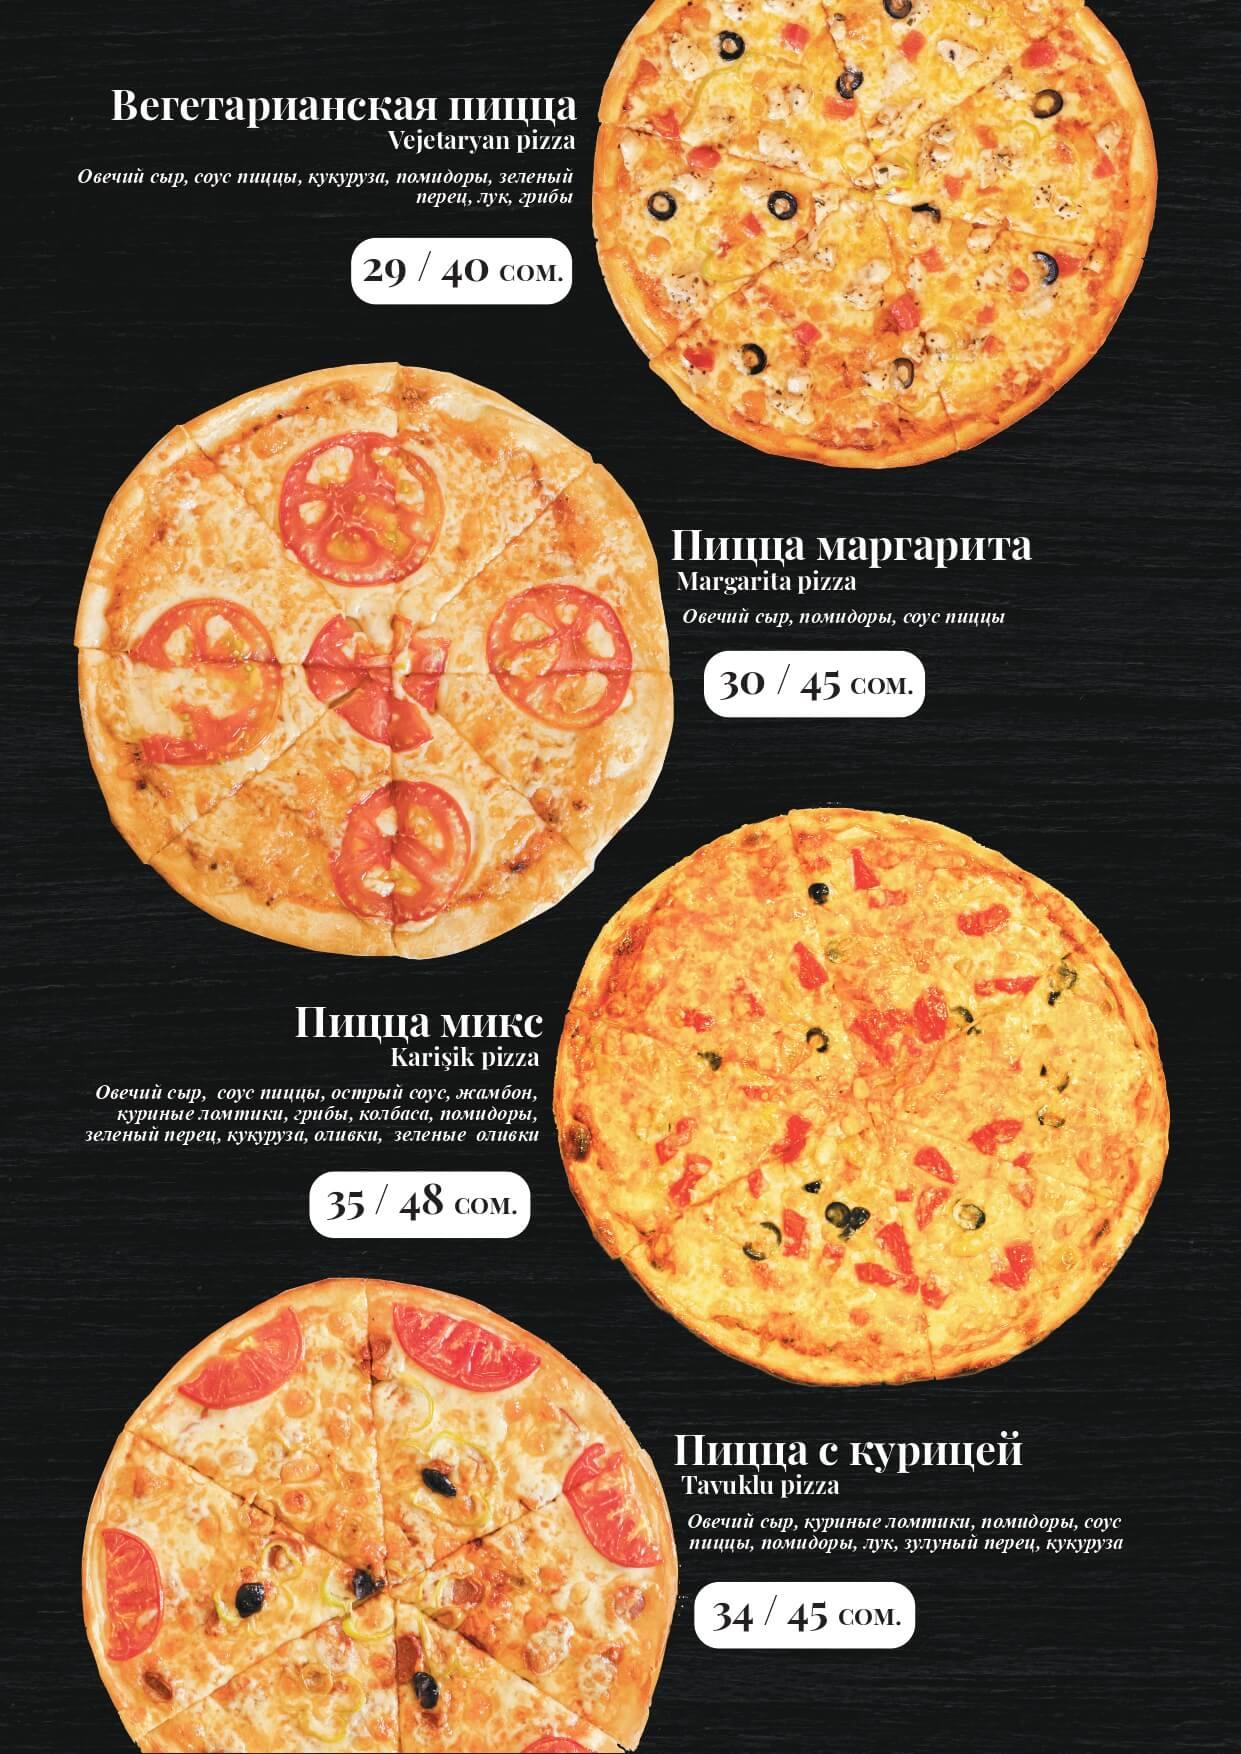 Assado_menu_page-0030